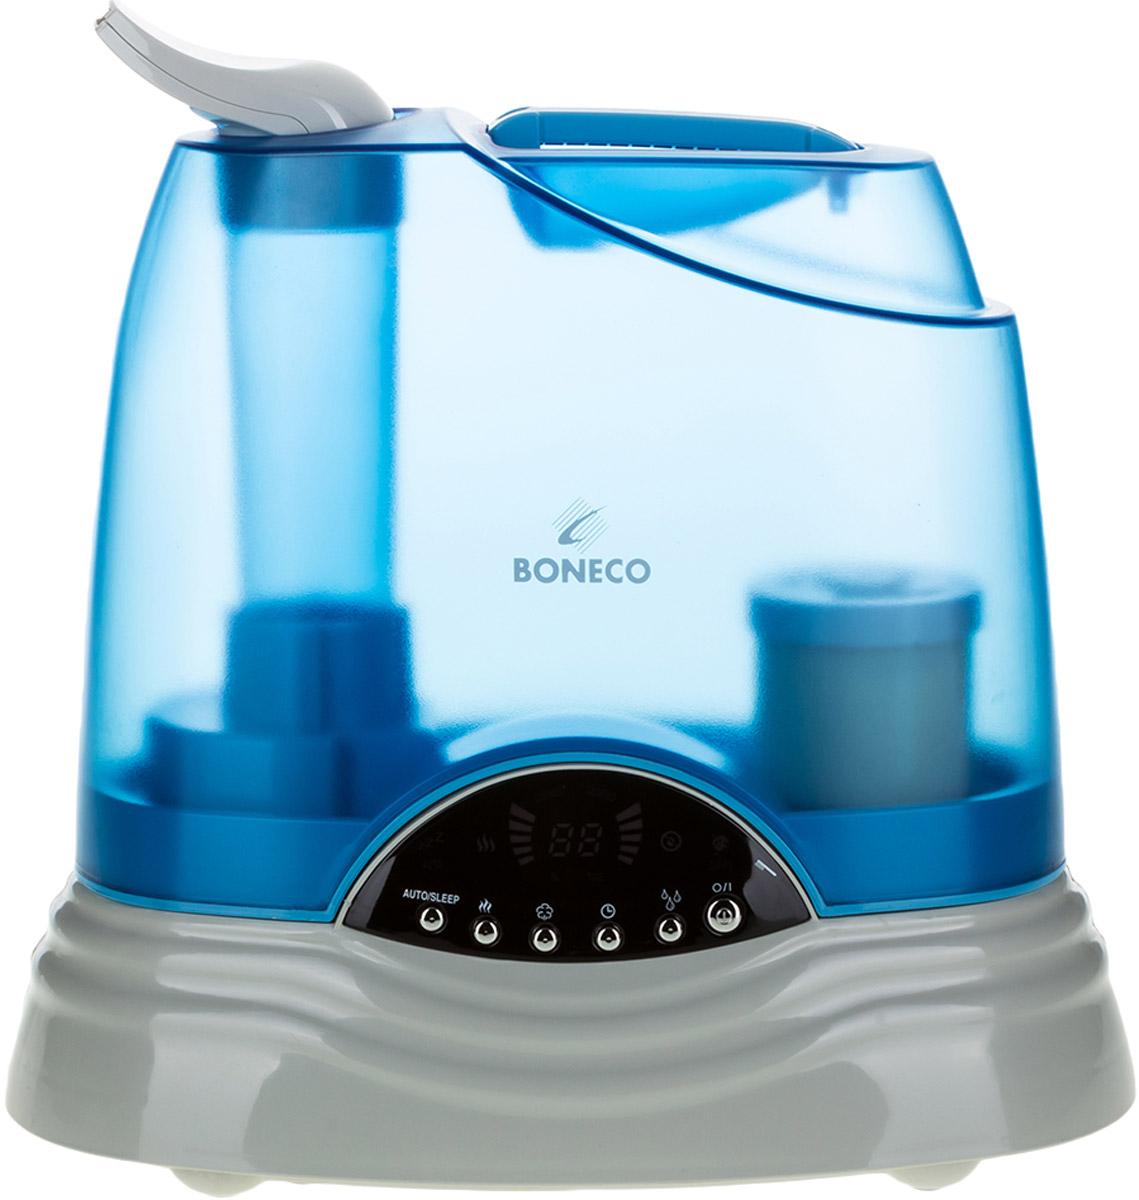 Boneco U7135 ультразвуковой увлажнитель воздуха boneco air o swiss u650 black